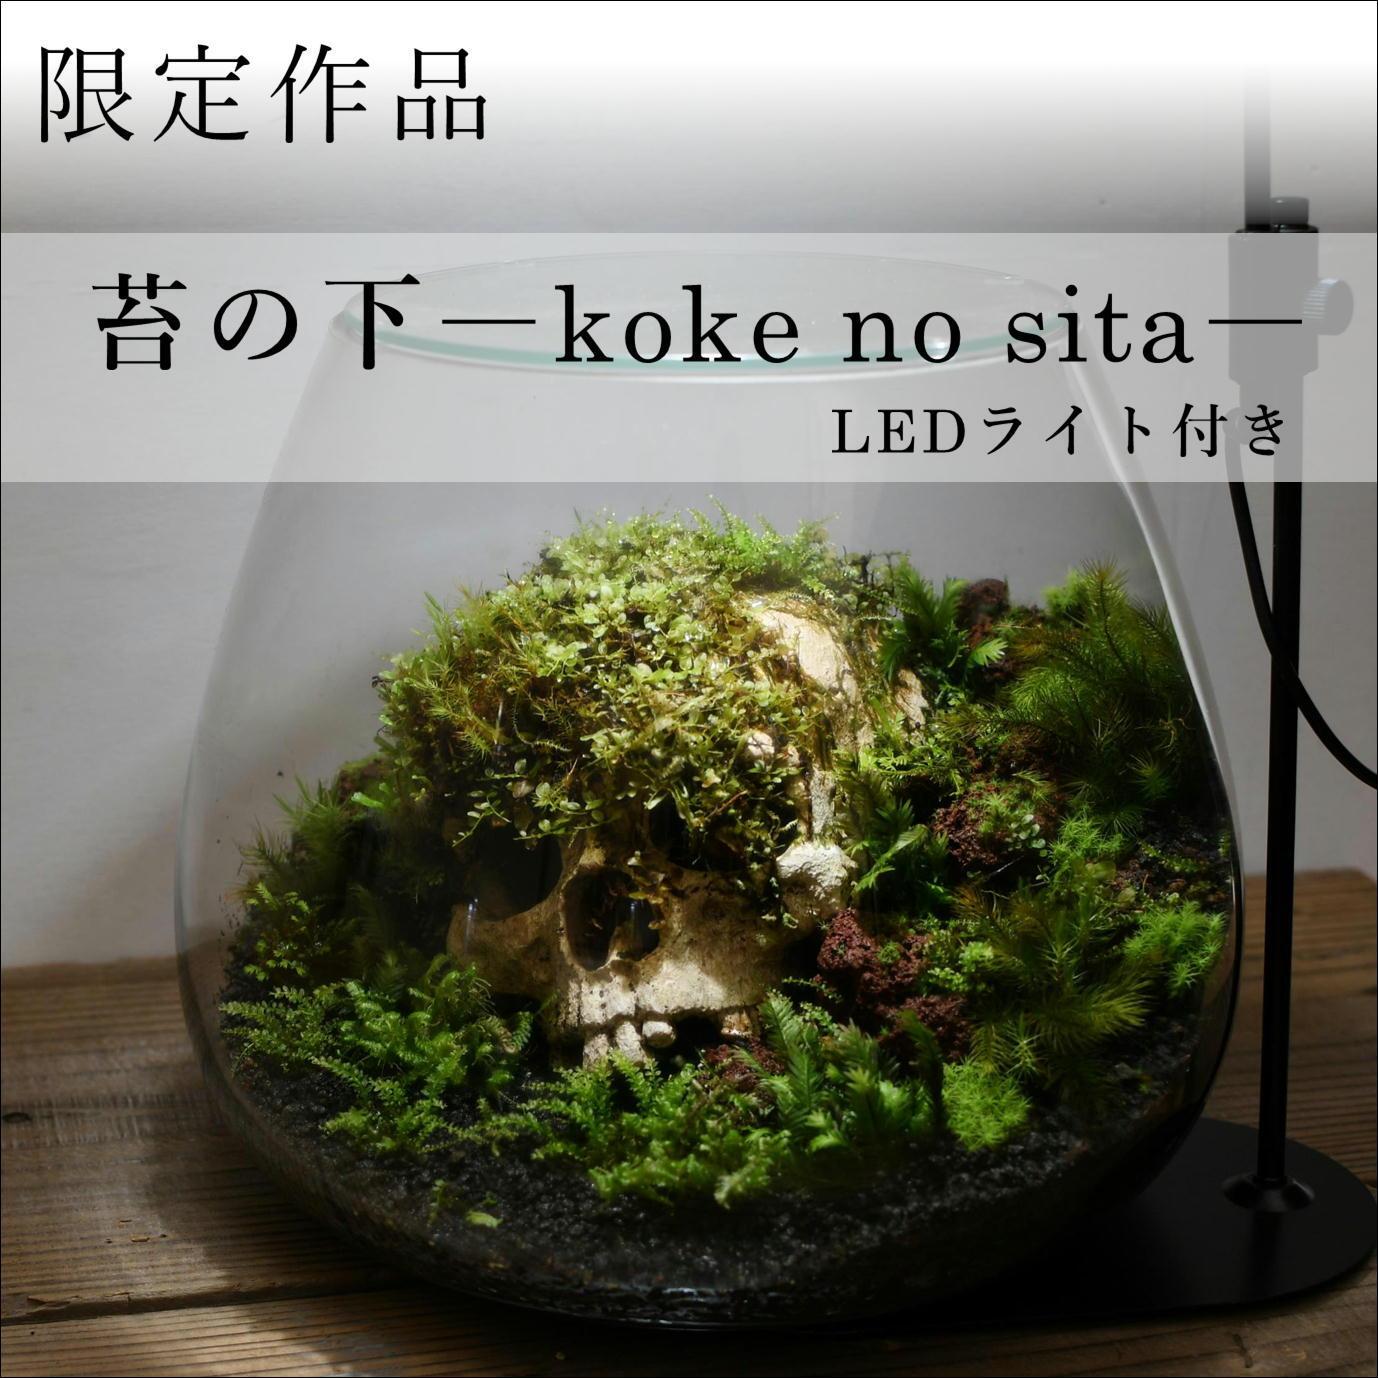 作品名− 苔の下 −【苔テラリウム・現物限定販売】